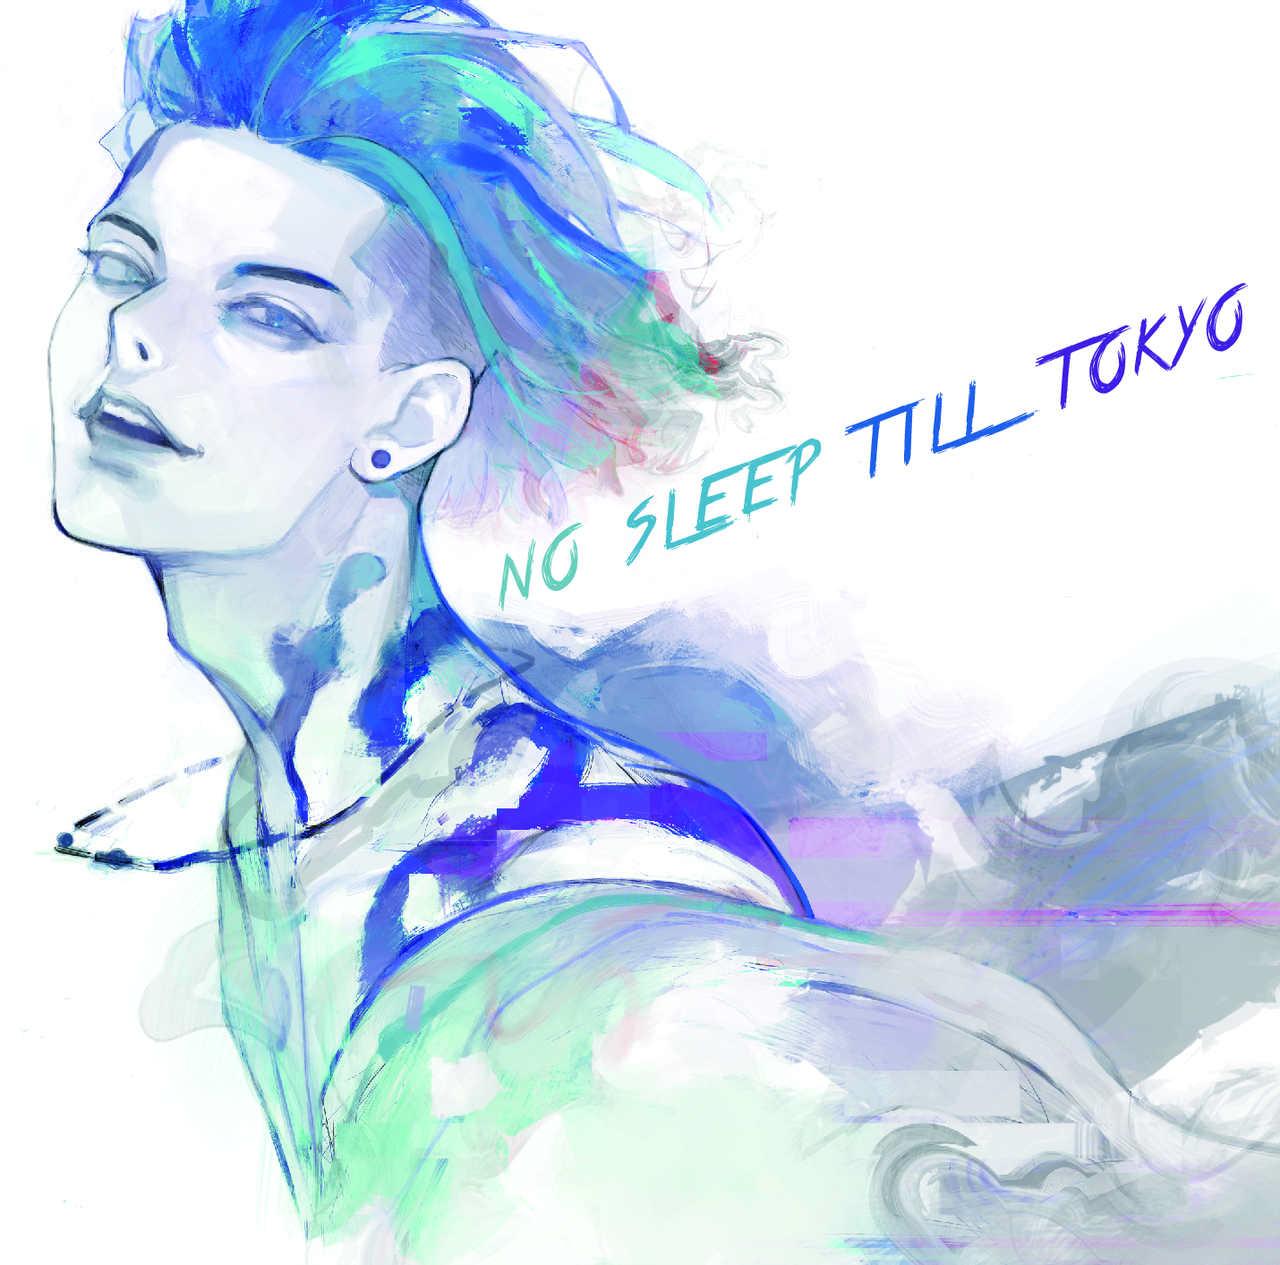 アルバム『NO SLEEP TILL TOKYO』【通常盤】